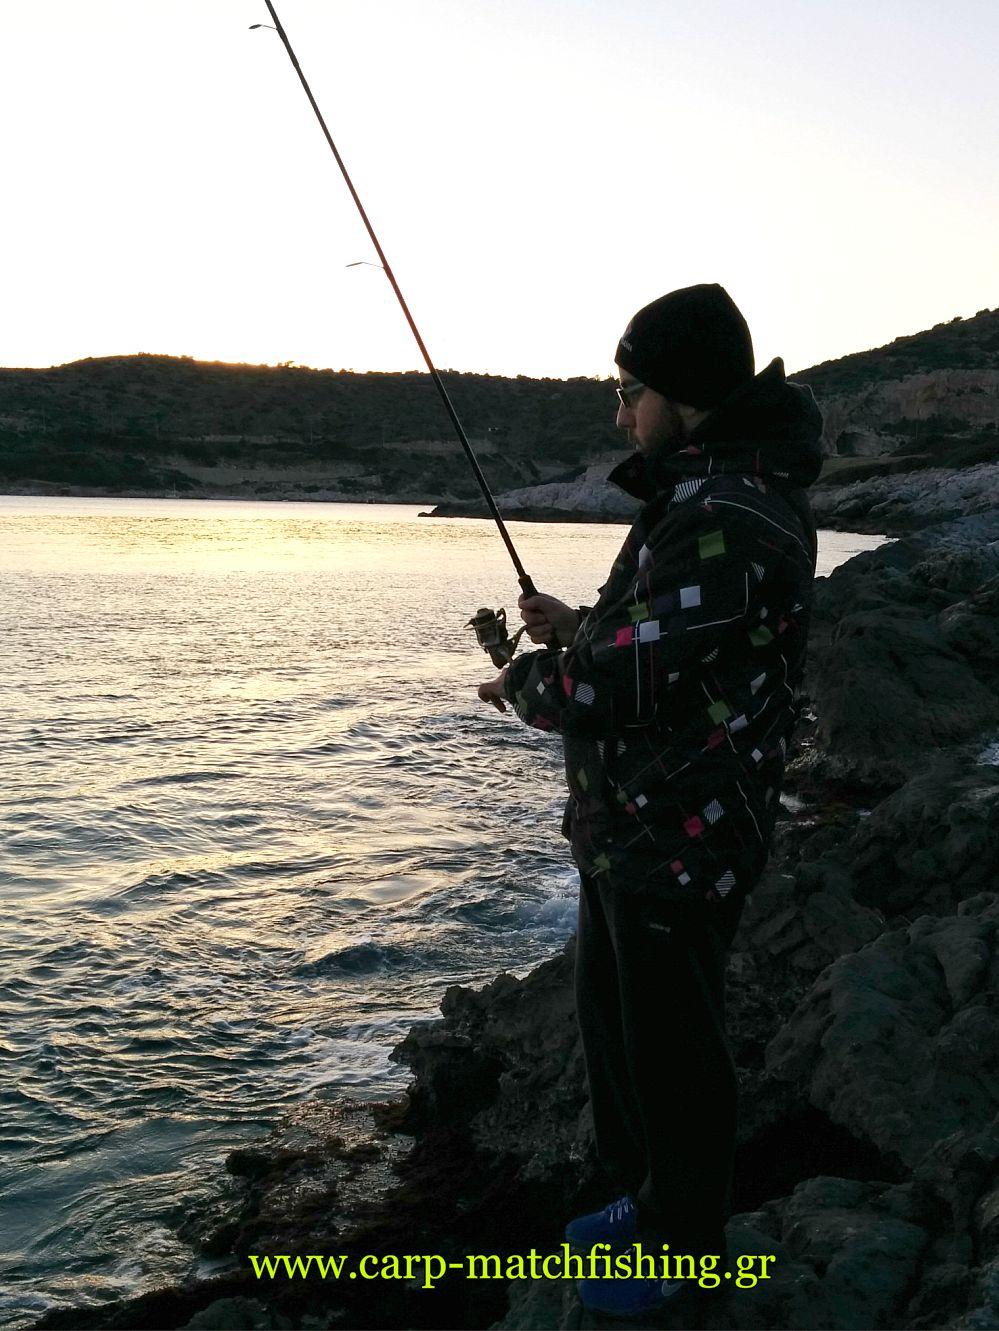 eging-voli-carpmatchfishing.jpg